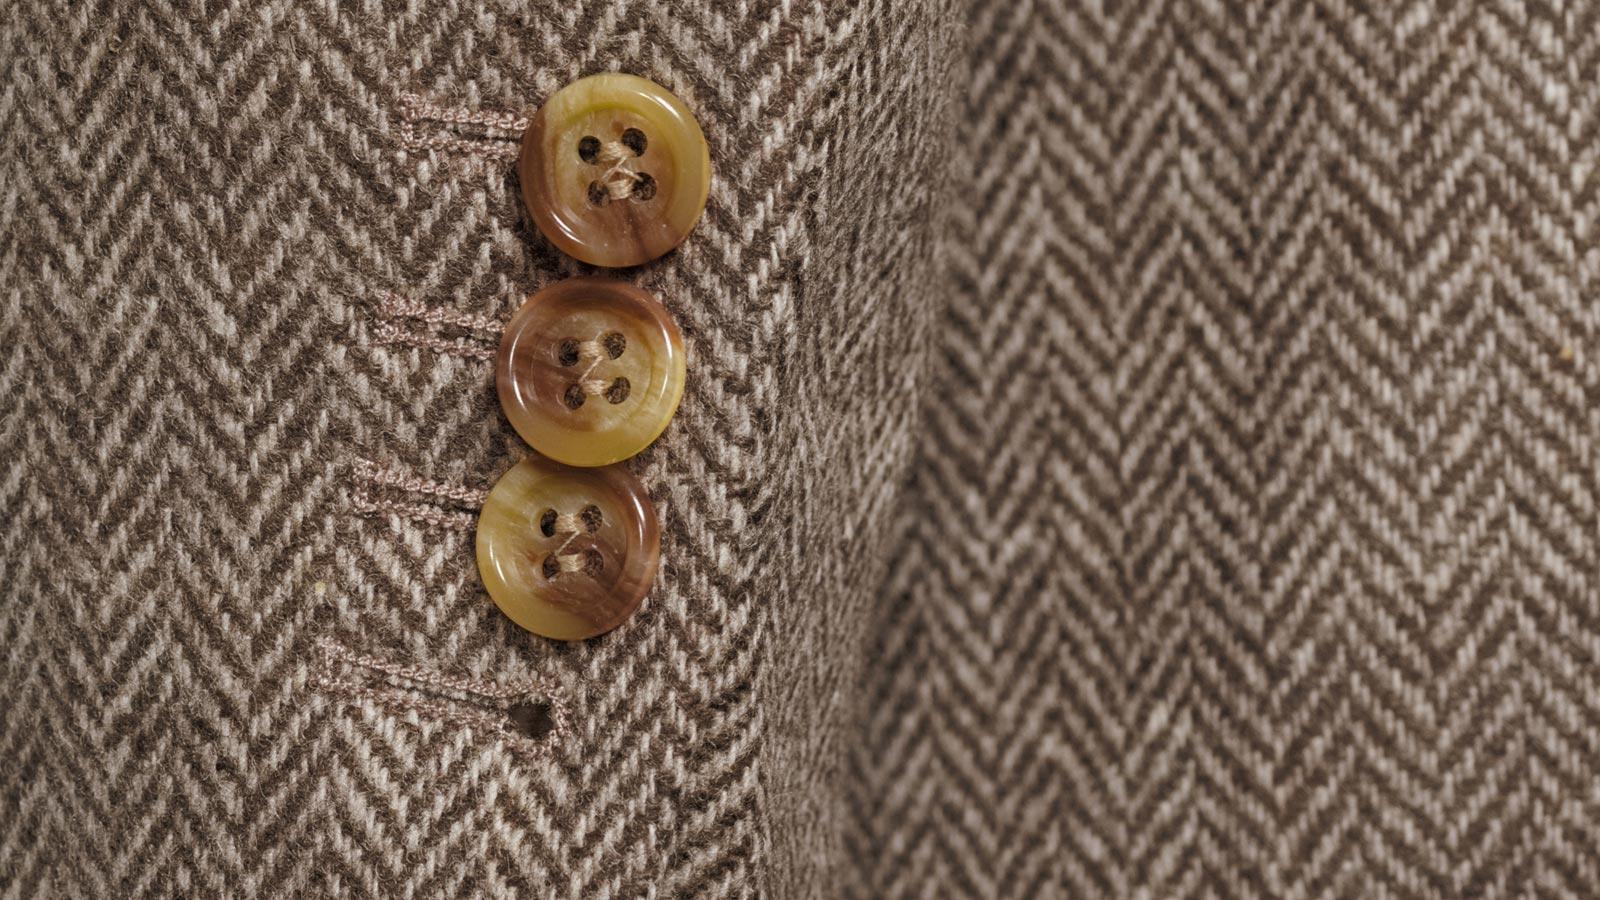 Brown Herringbone Natural Wool Tweed Blazer - slider image 1